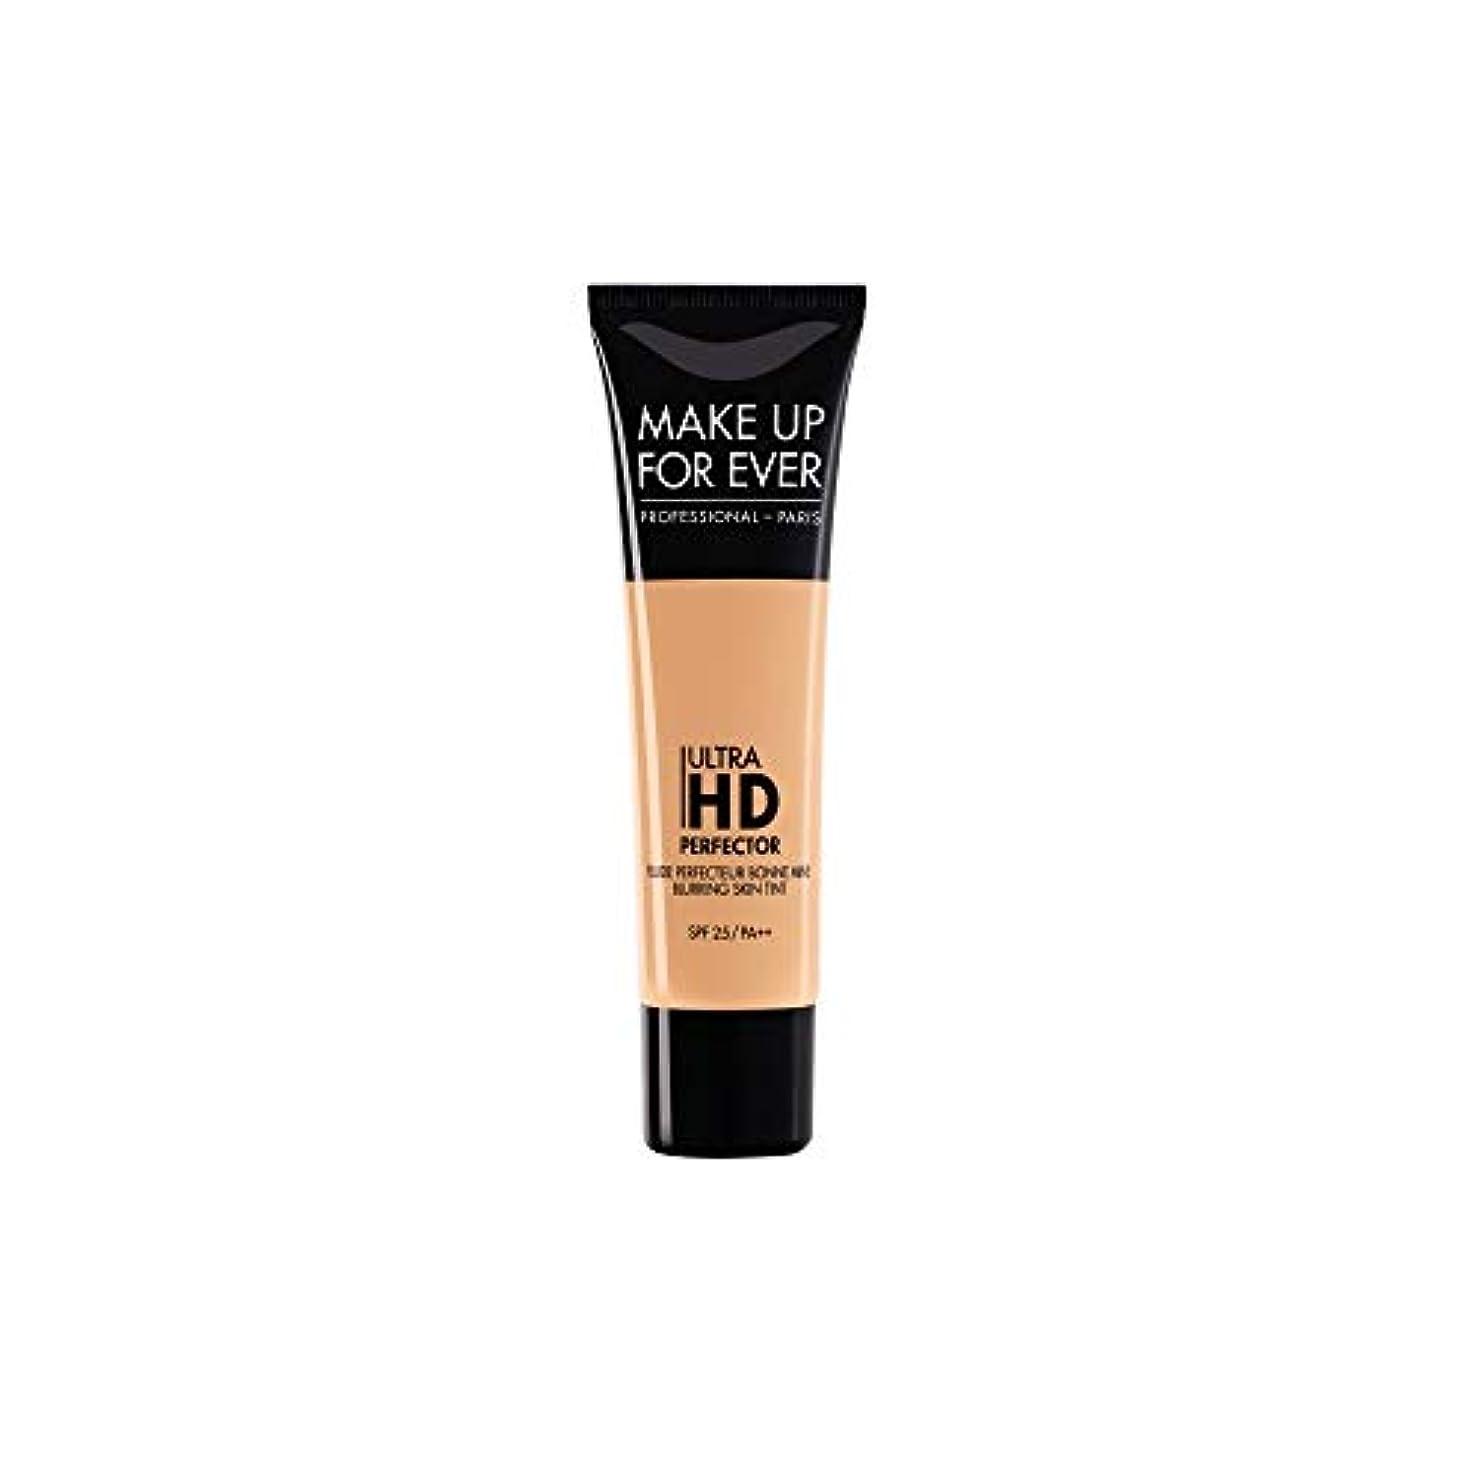 急速な川トリッキーメイクアップフォーエバー Ultra HD Perfector Blurring Skin Tint SPF25 - # 07 Golden Apricot 30ml/1.01oz並行輸入品